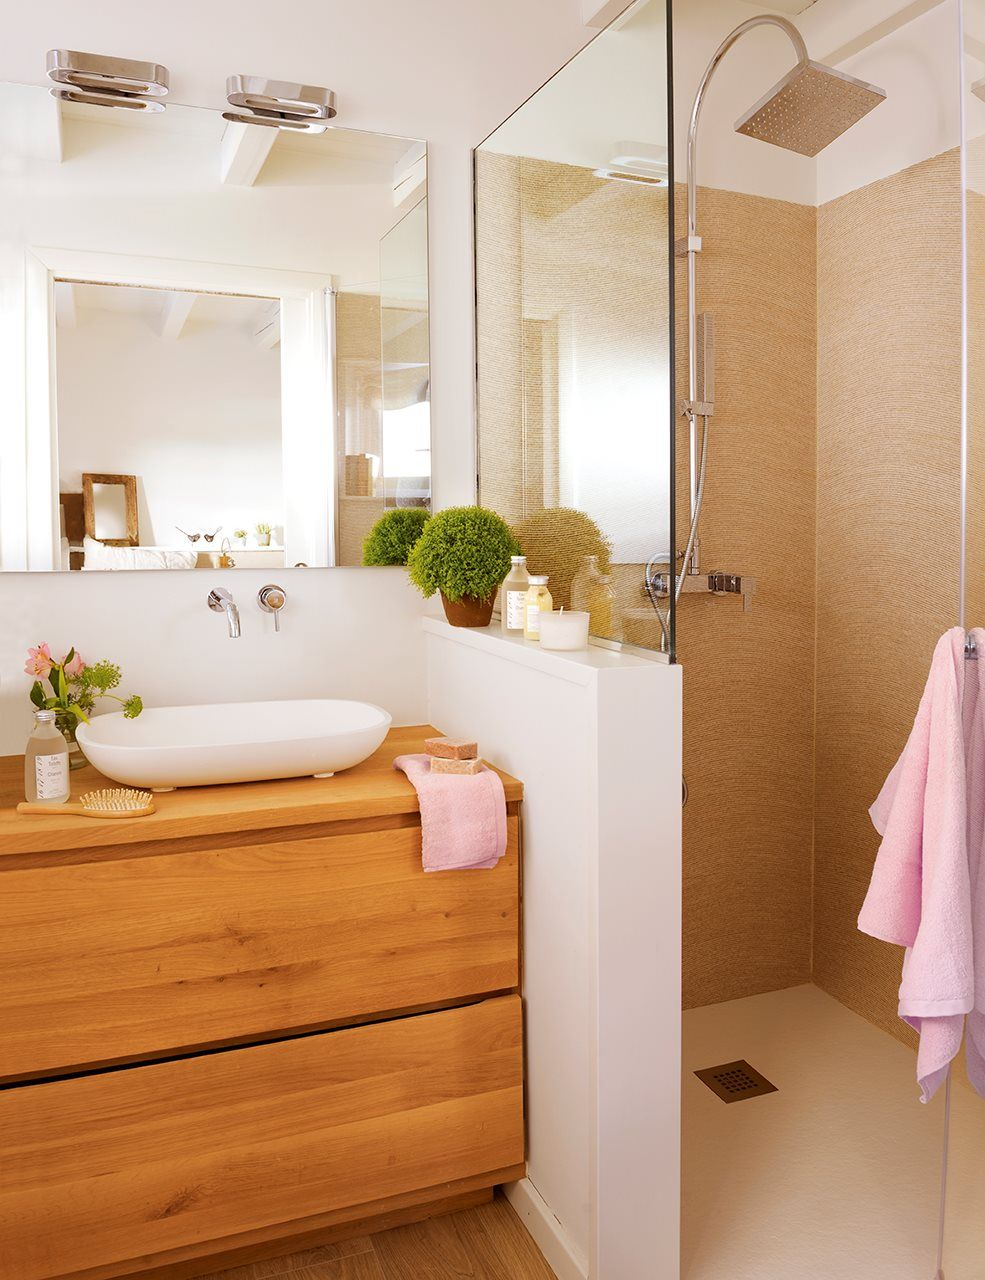 Cambio de imagen para un apartamento de monta a elmueble for Banos modernos para apartamentos